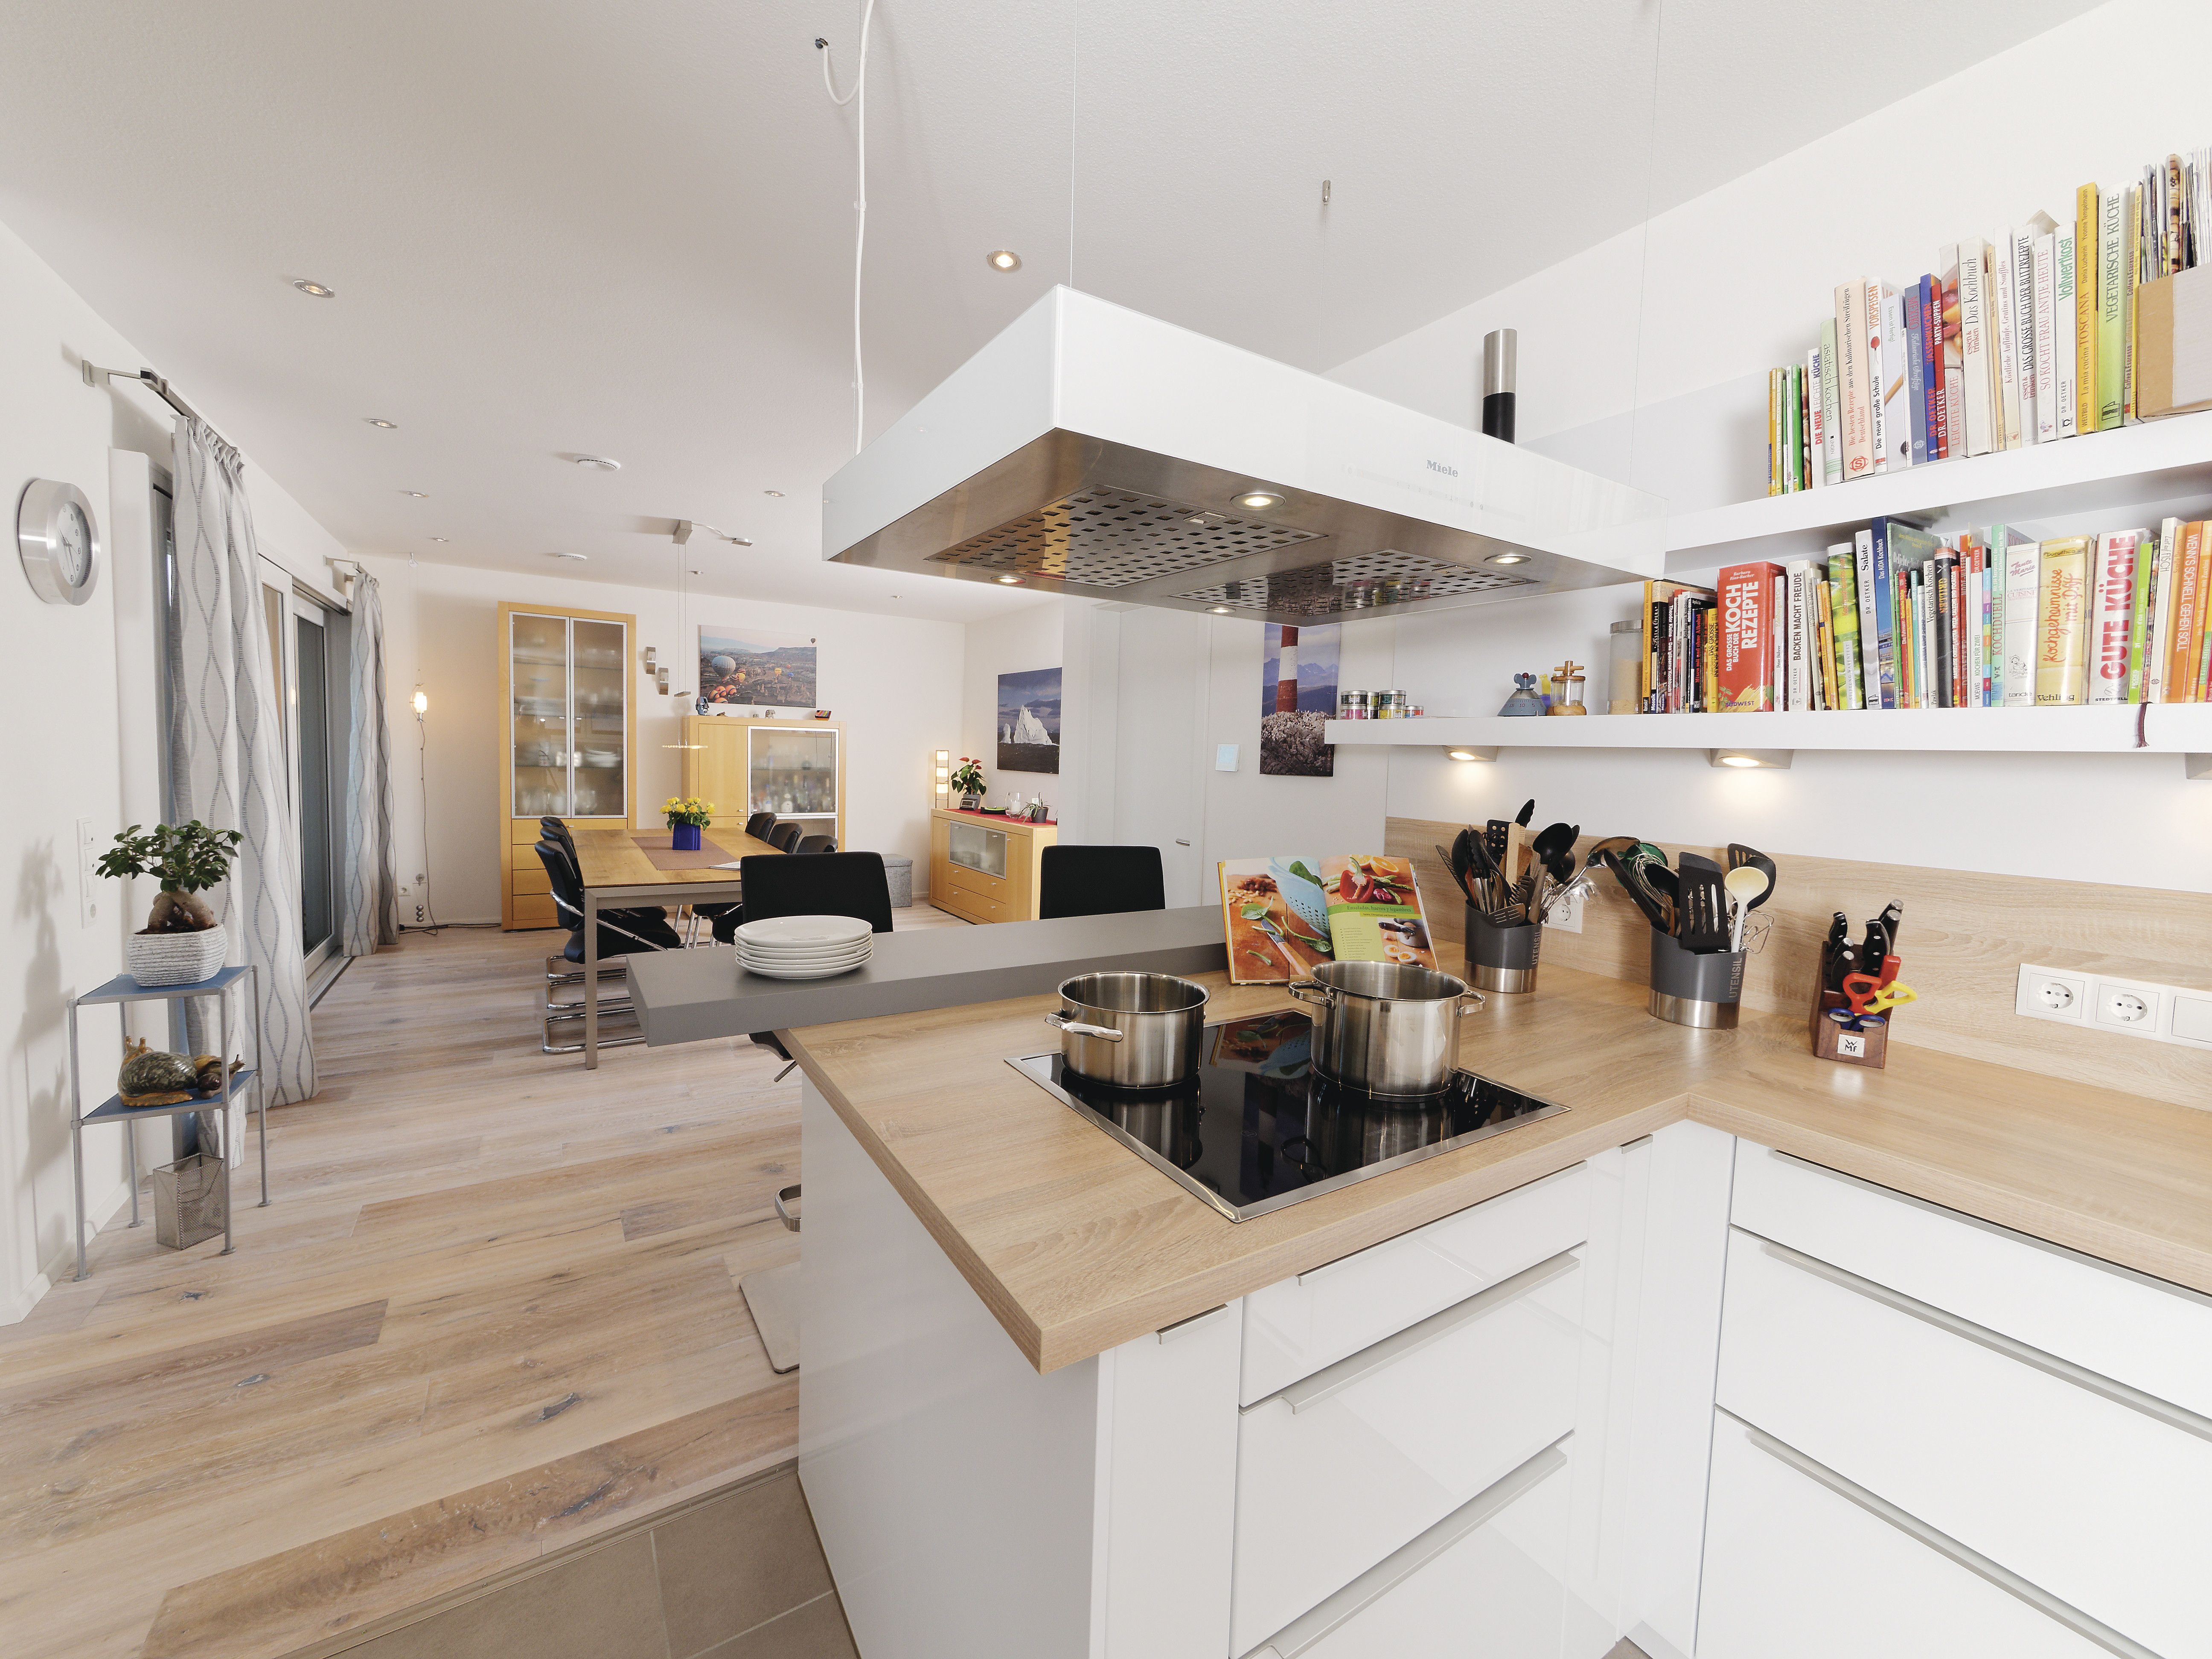 weberhaus #fertigbauweise #fertighaus #holzbauweise #wohnen #bauen ...